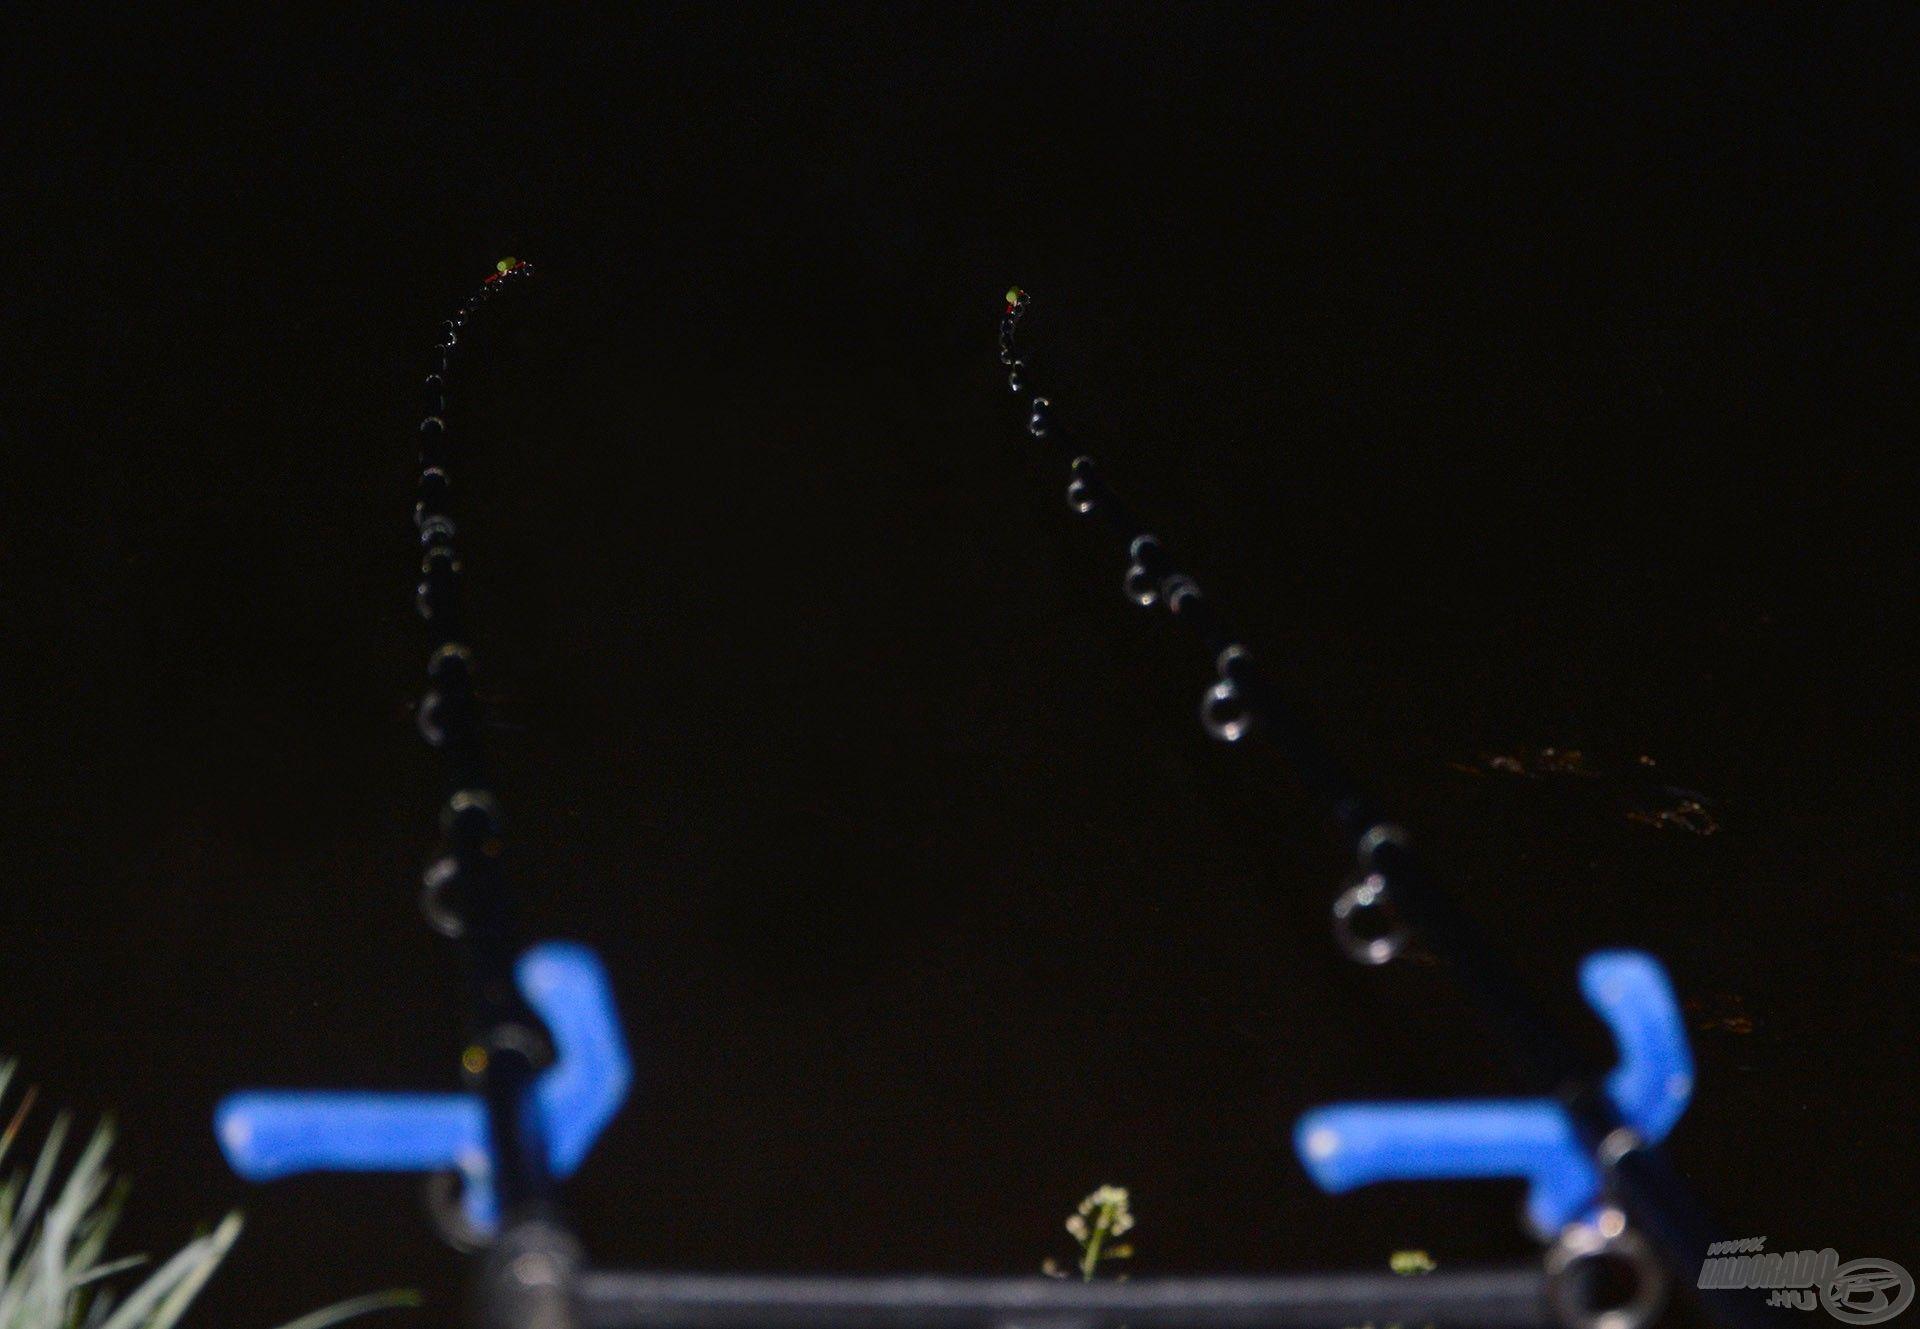 Két aprócska fénypont mutatta a lényeget a sötétben